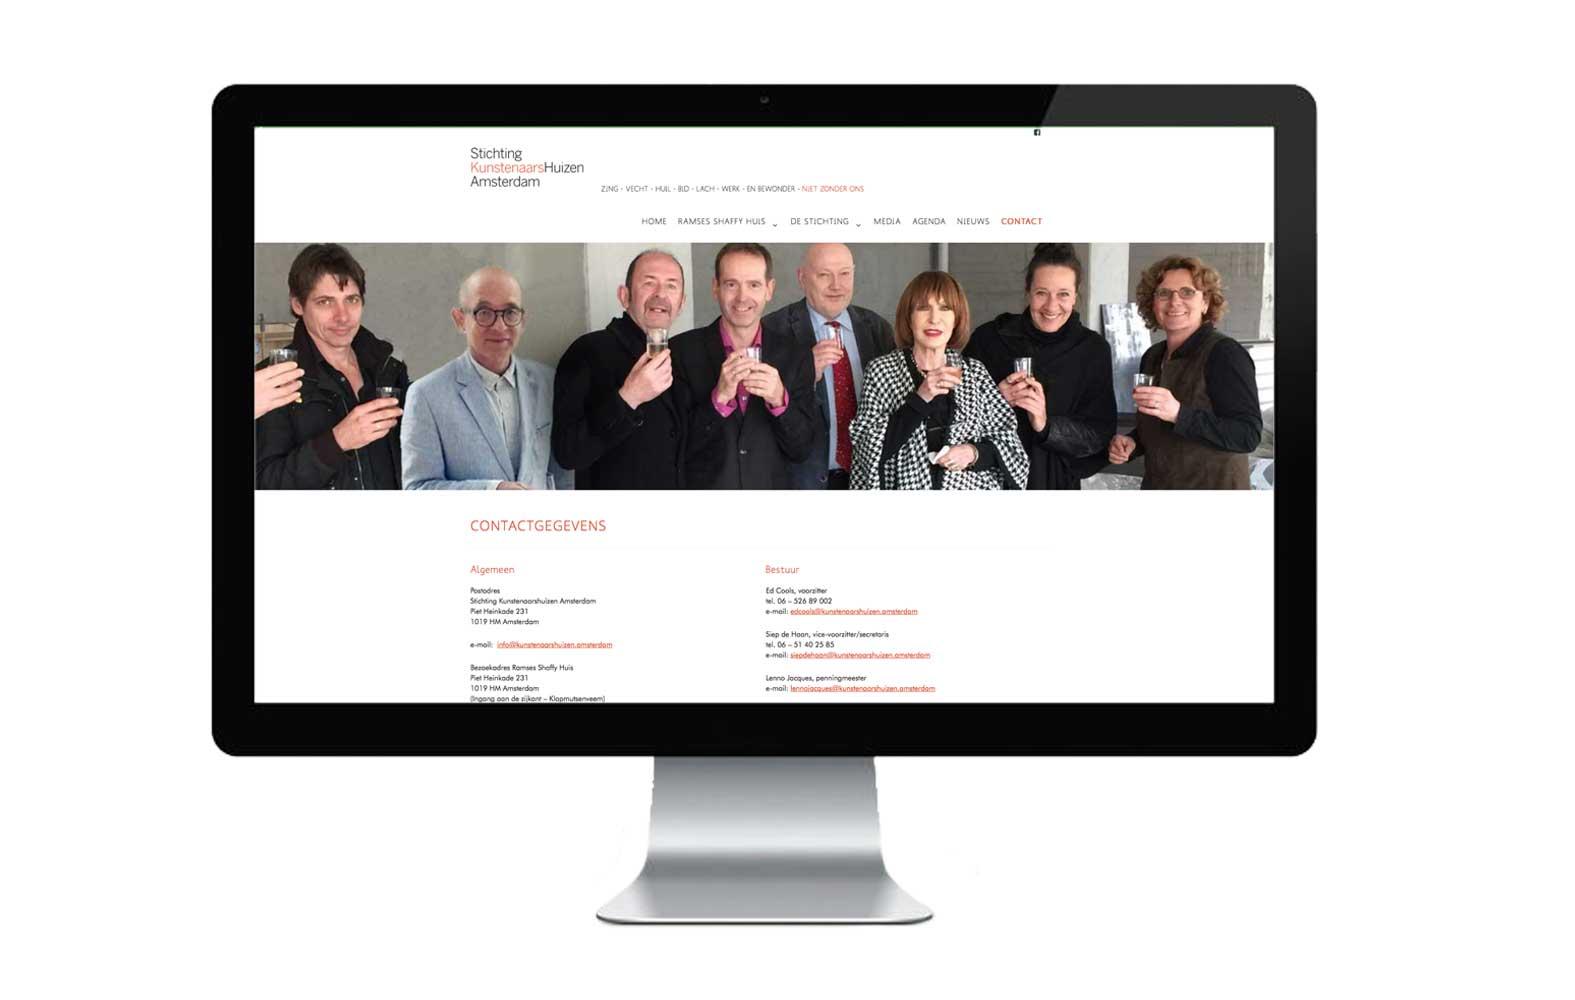 StudioErnst-KunstenaarshuizenAmsterdam-contact-website